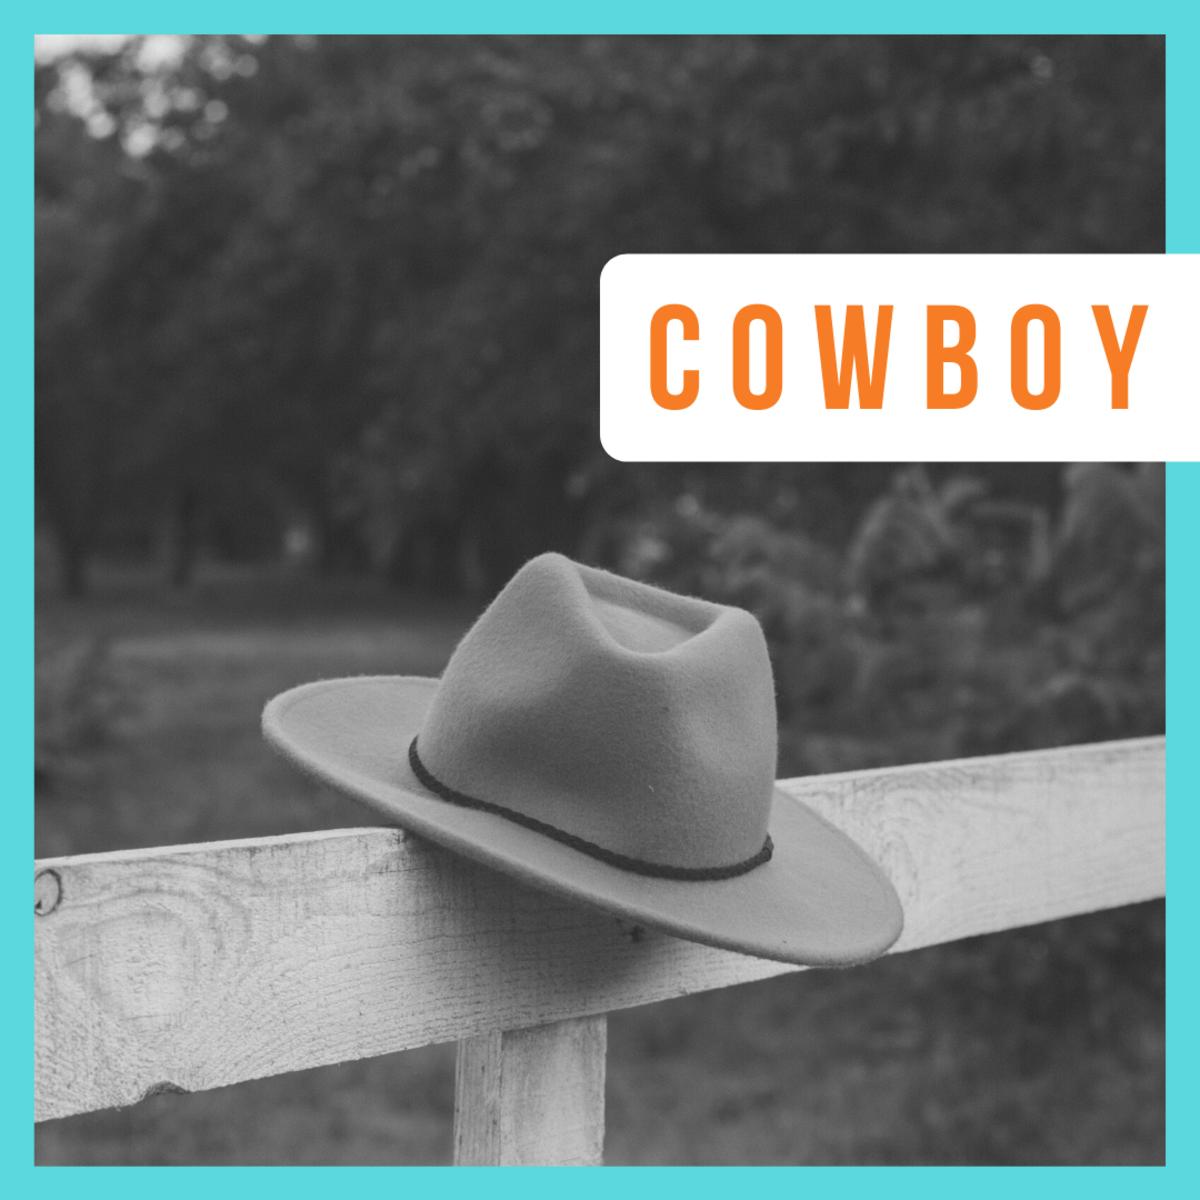 Saddle up, Cowboy.